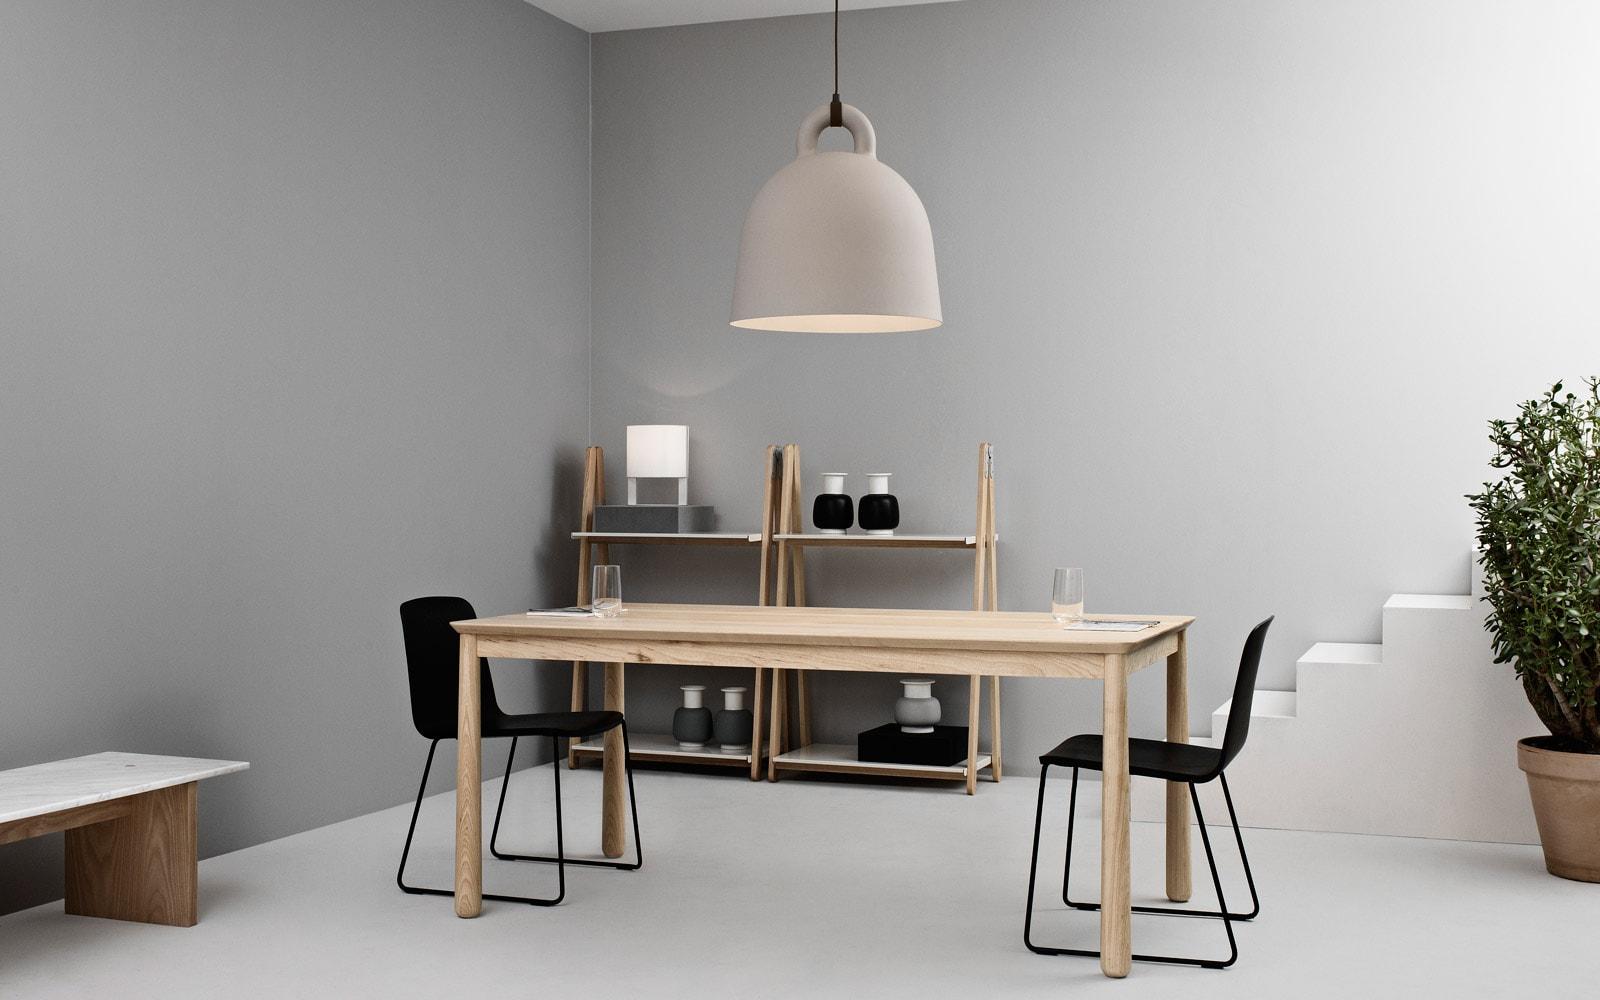 bord fra normann copenhagen